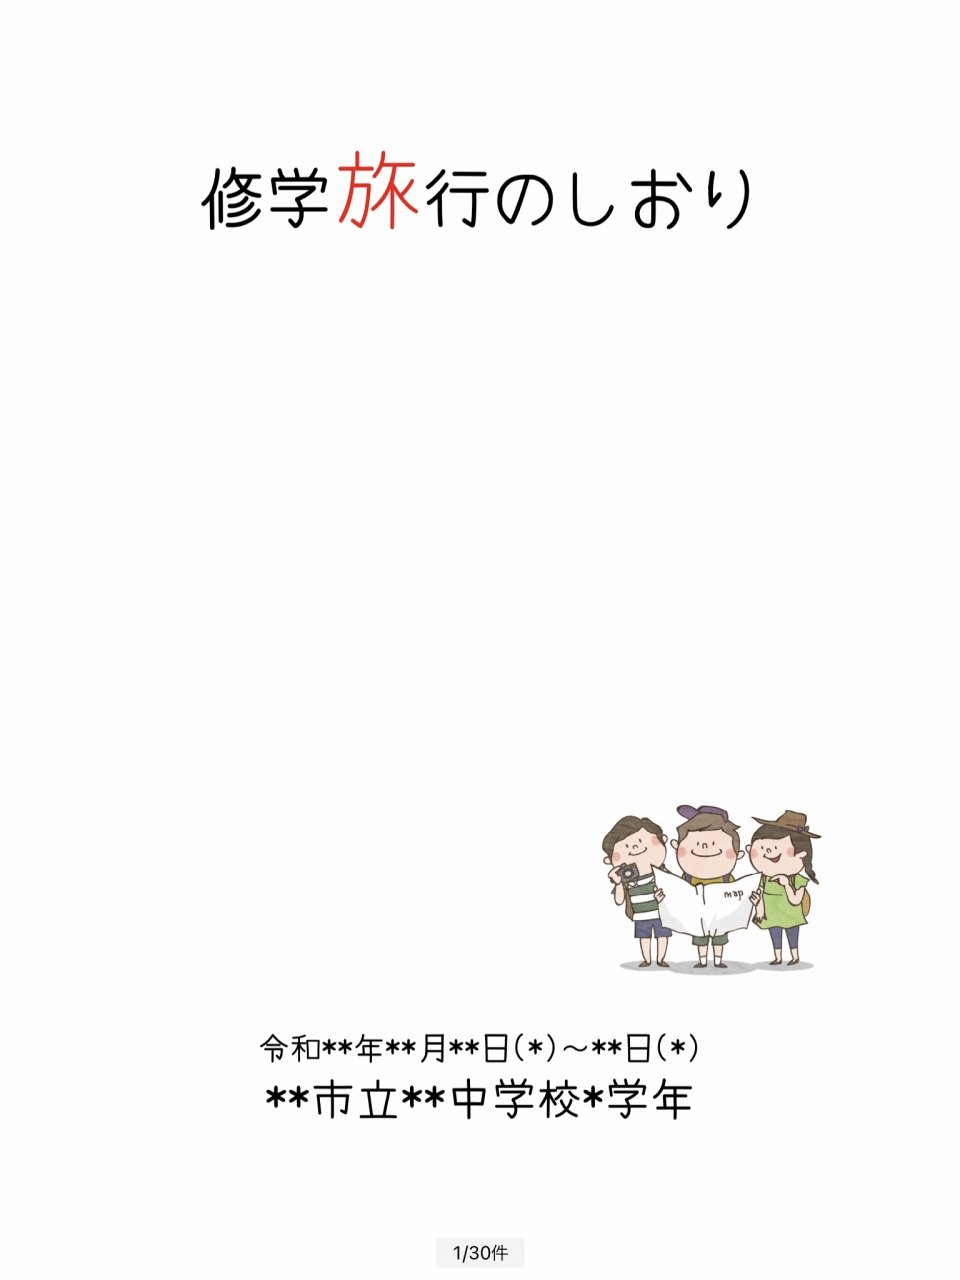 修学旅行のしおり/表紙の画像